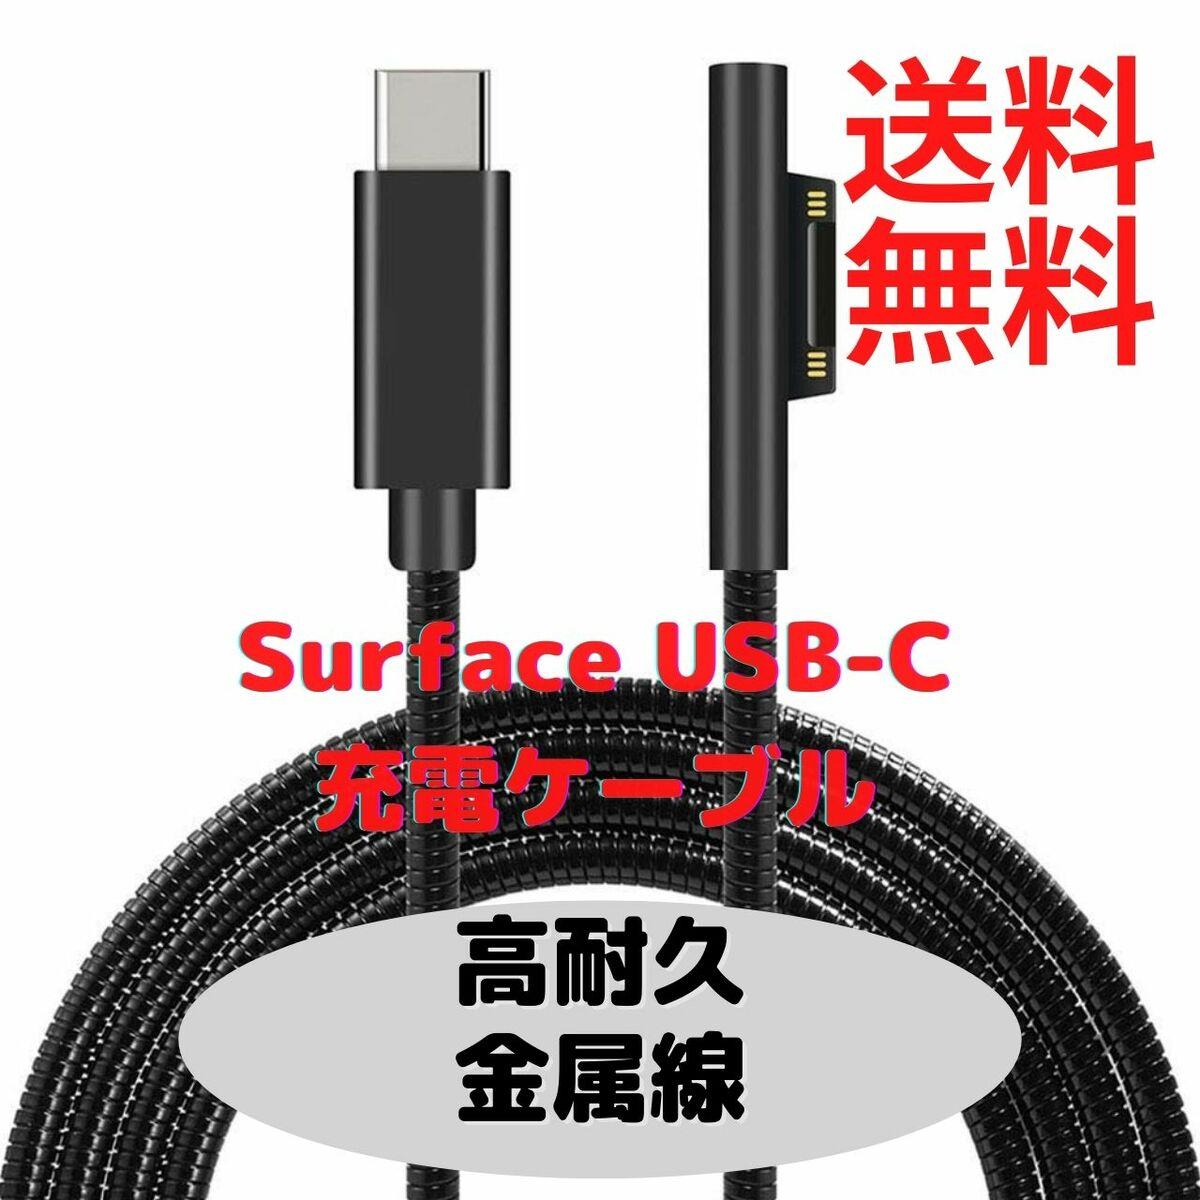 送料無料!急速充電対応 USB-C to Surface 高耐久 金属ケーブル Surface USB-C オス PD 急速充電ケーブル(1.5m) 45w15v以上のPDアダプターまたはPD充電器が必要 TYPE-C 15VPD充電に対応 高耐久 金属線